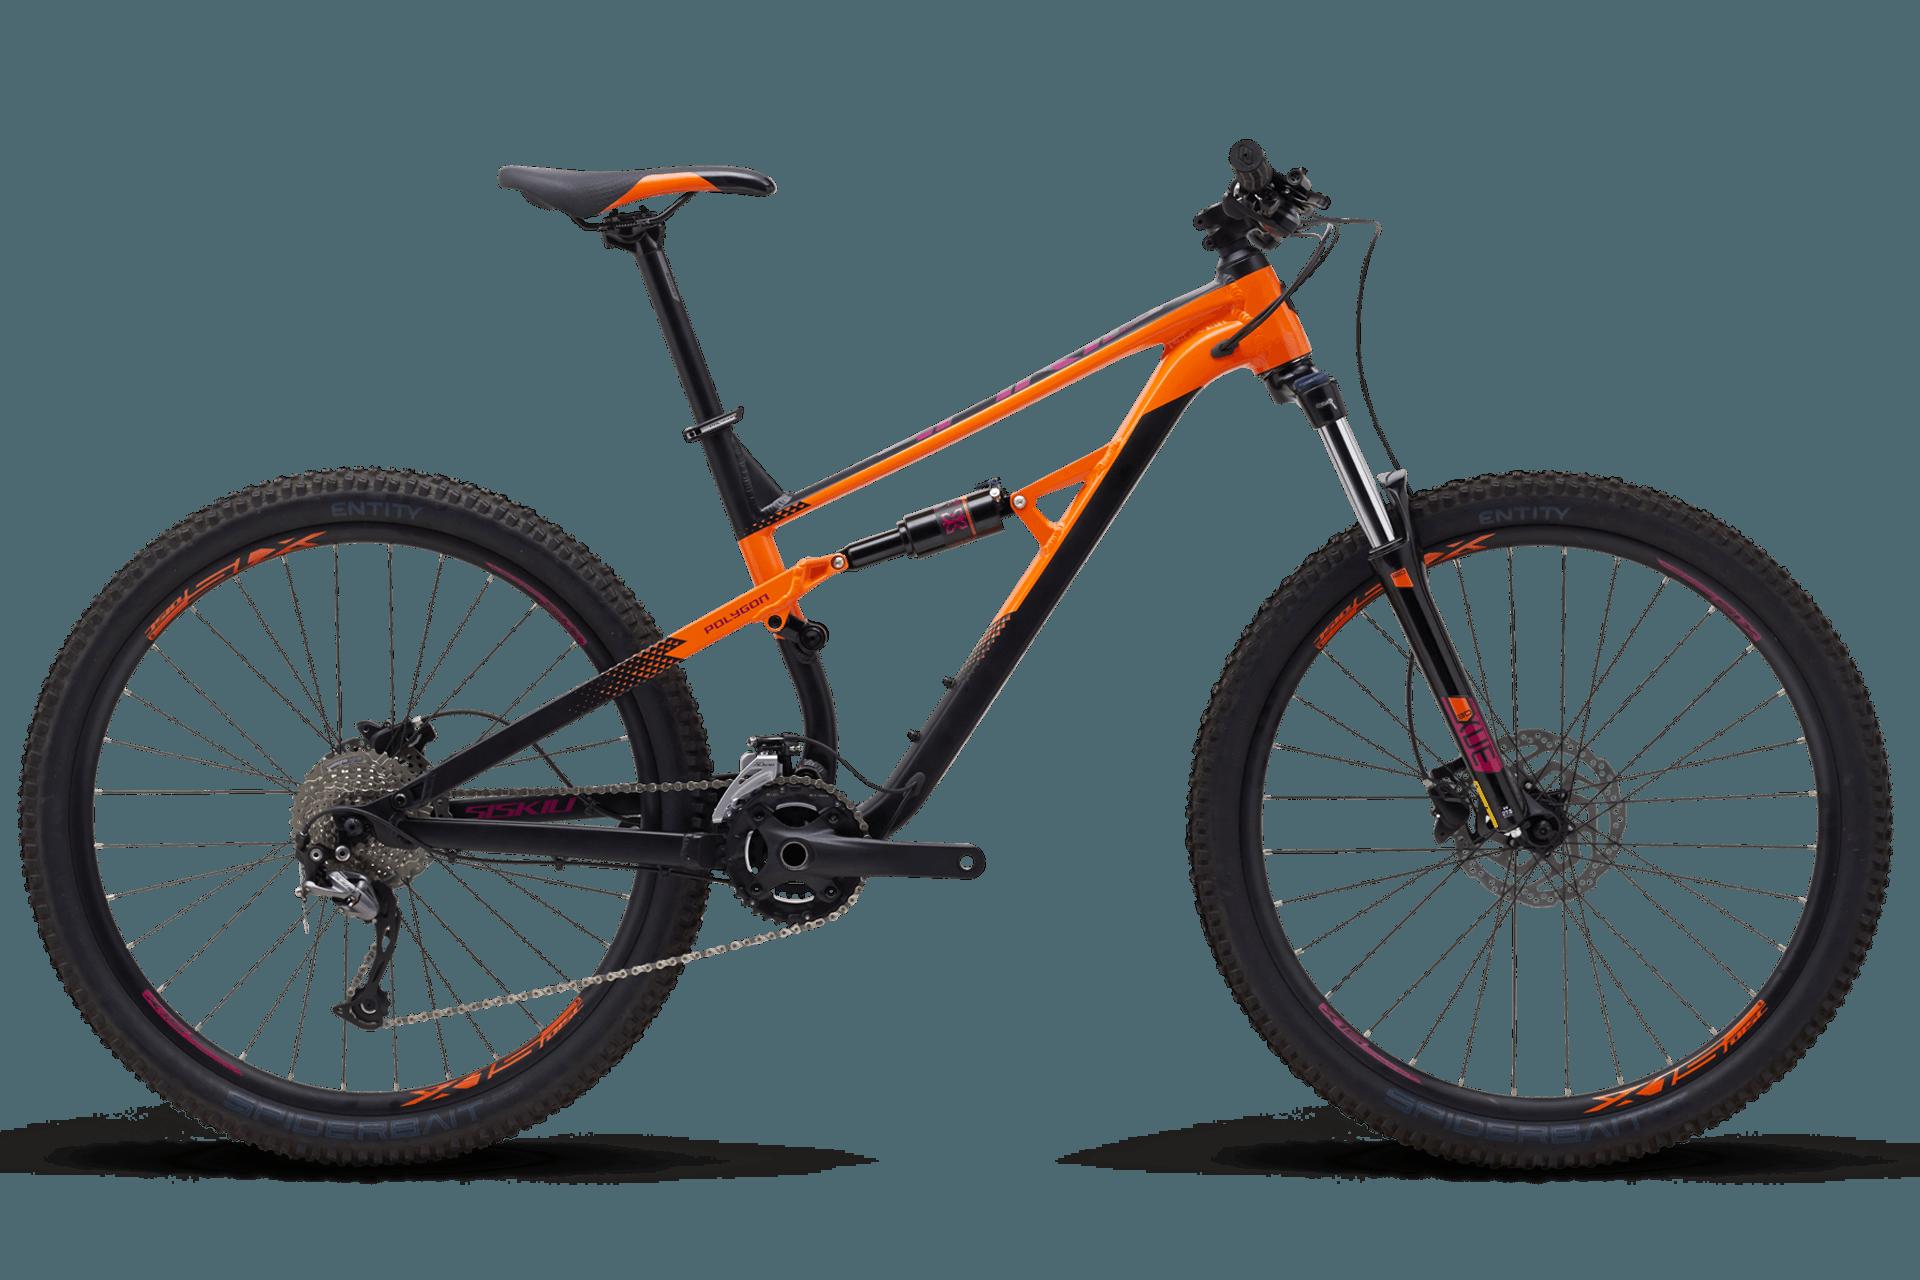 Самые лучшие горные велосипеды двухподвесы: особенности, характеристики и виды